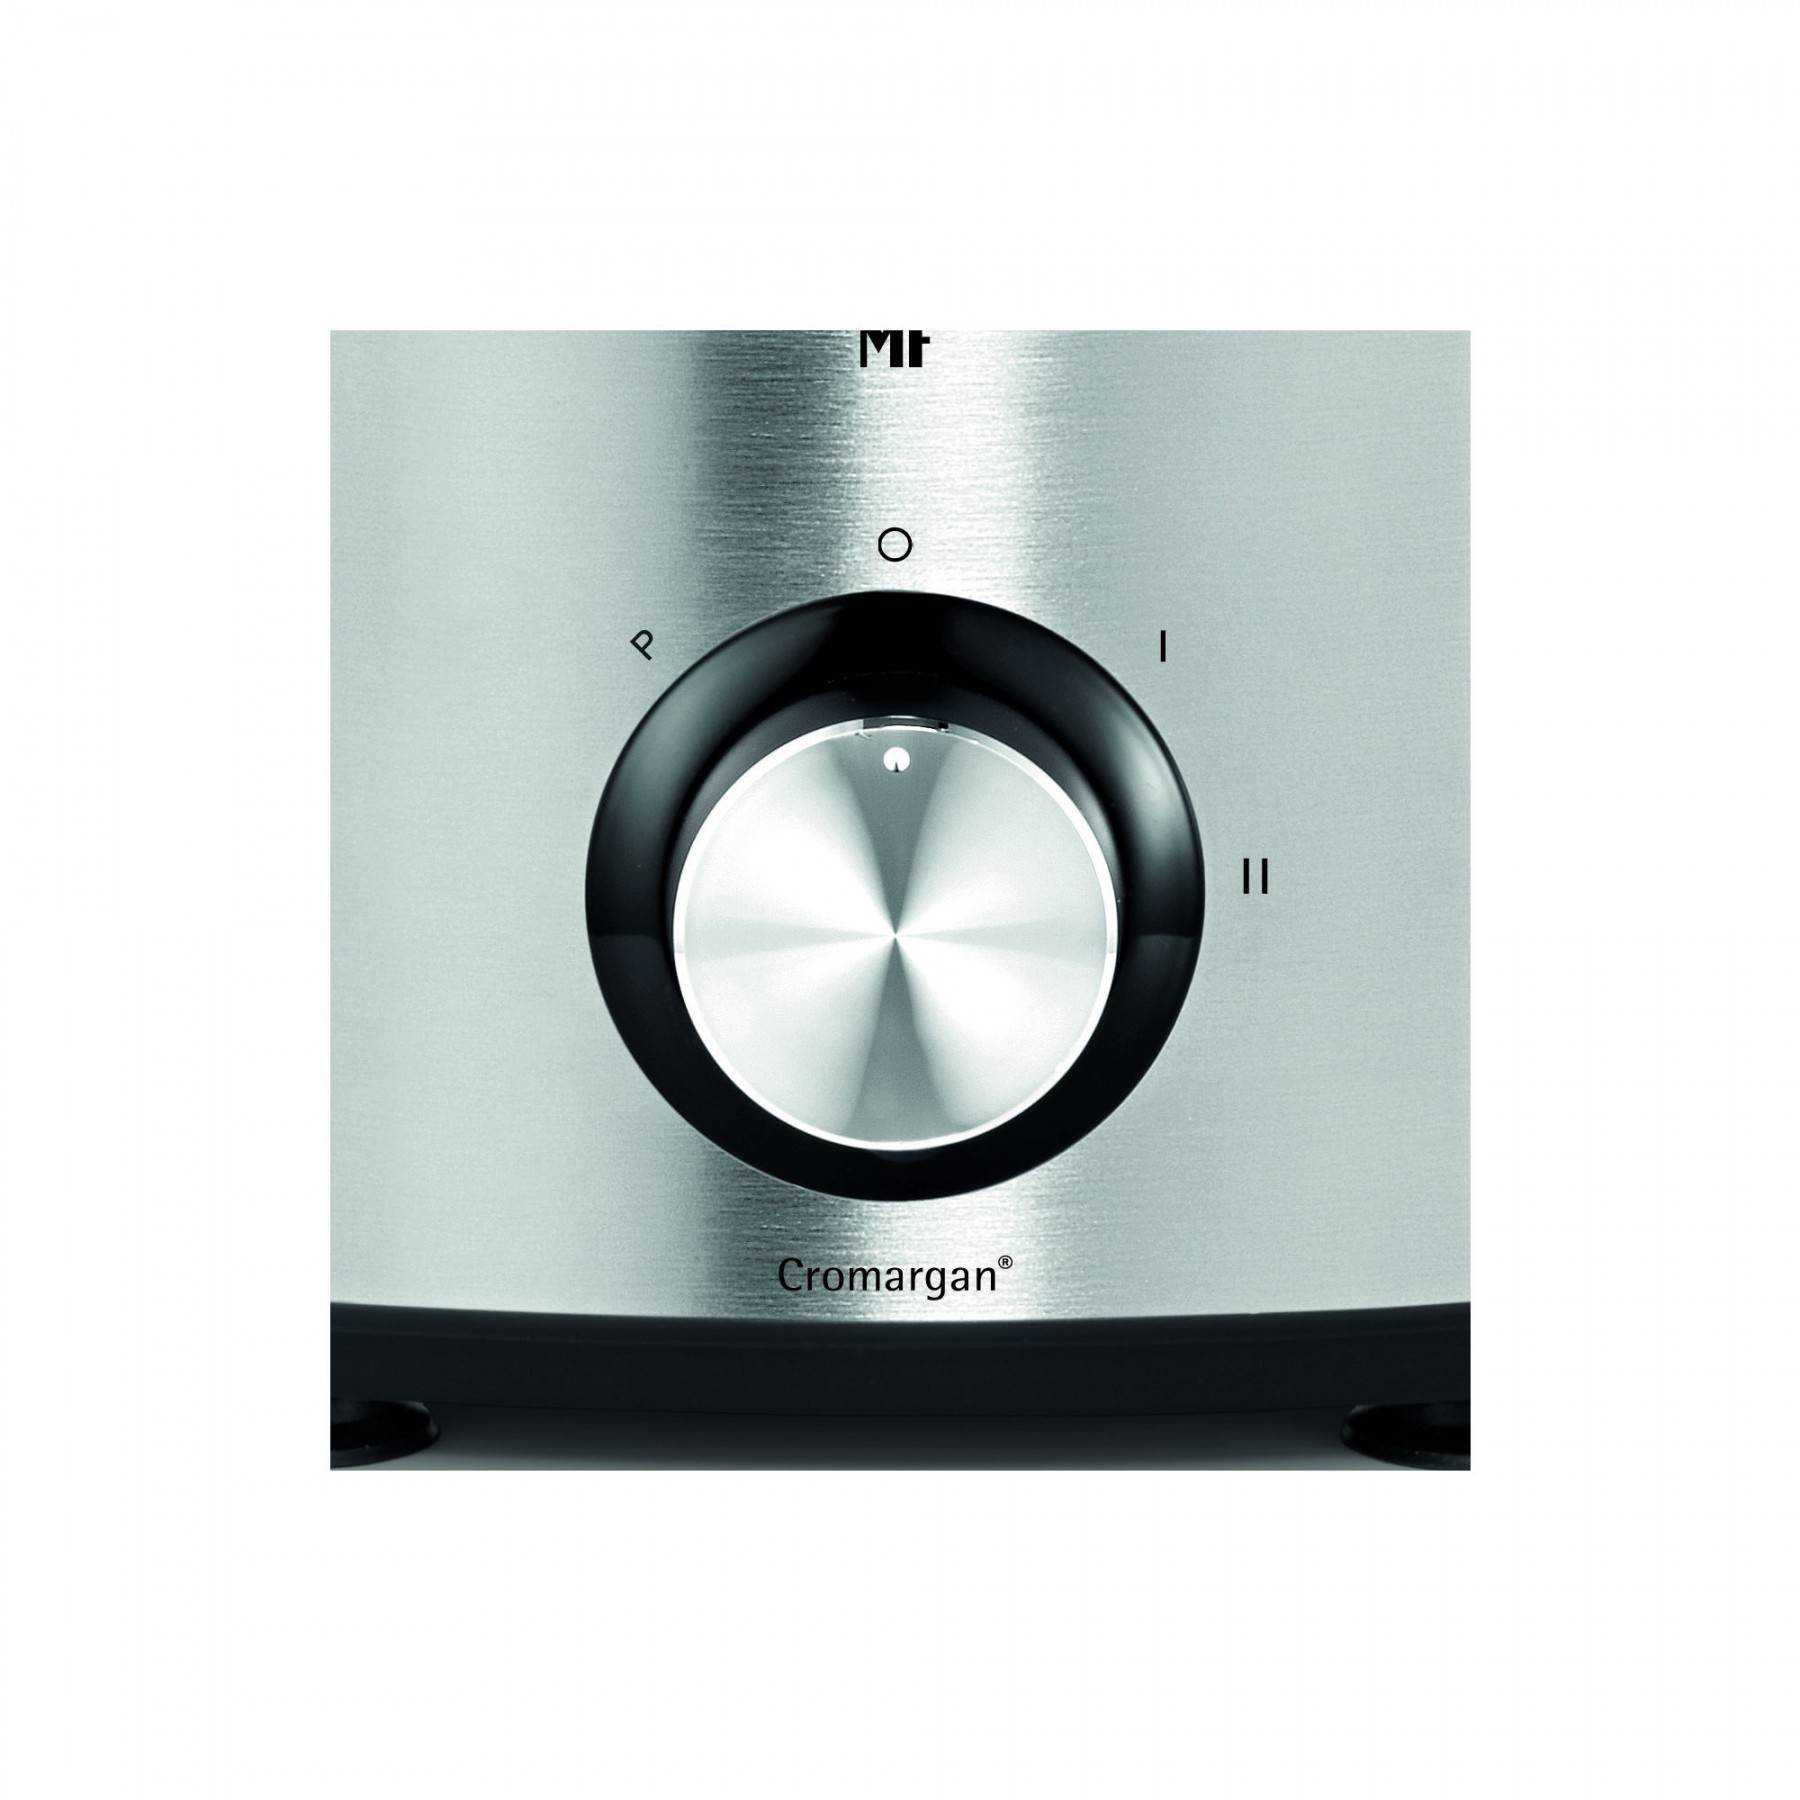 Wmf Kult X Küchenmaschine 2021